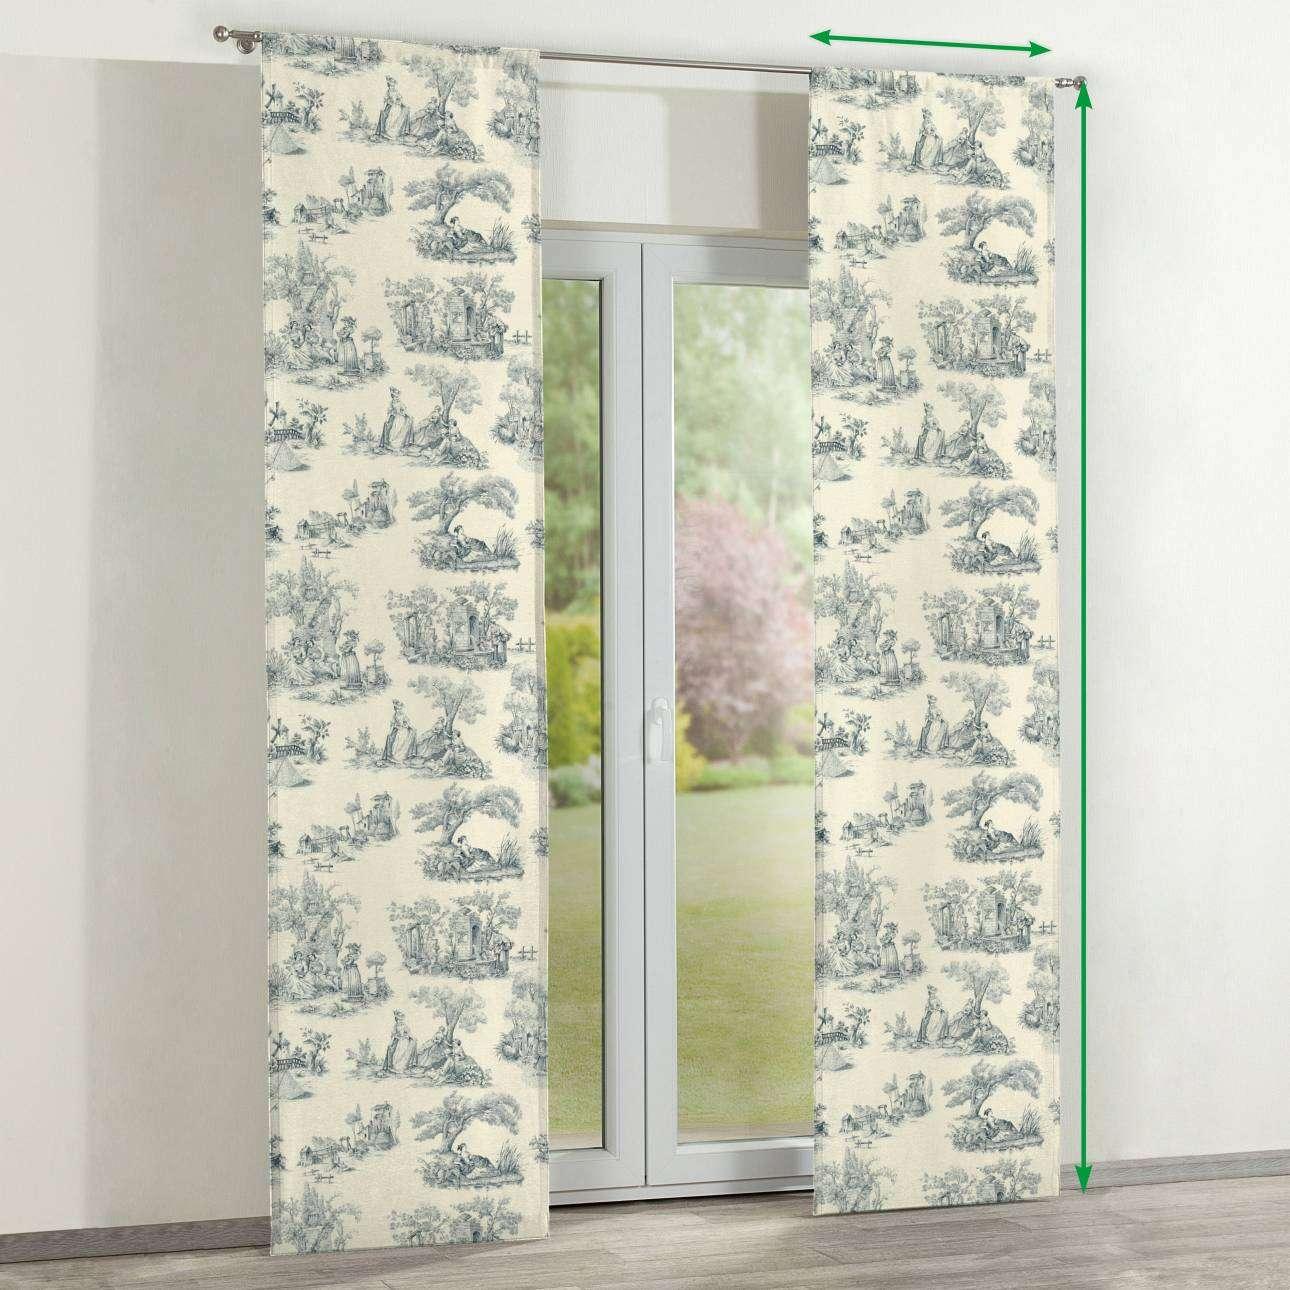 Zasłony panelowe 2 szt. w kolekcji Avinon, tkanina: 132-66